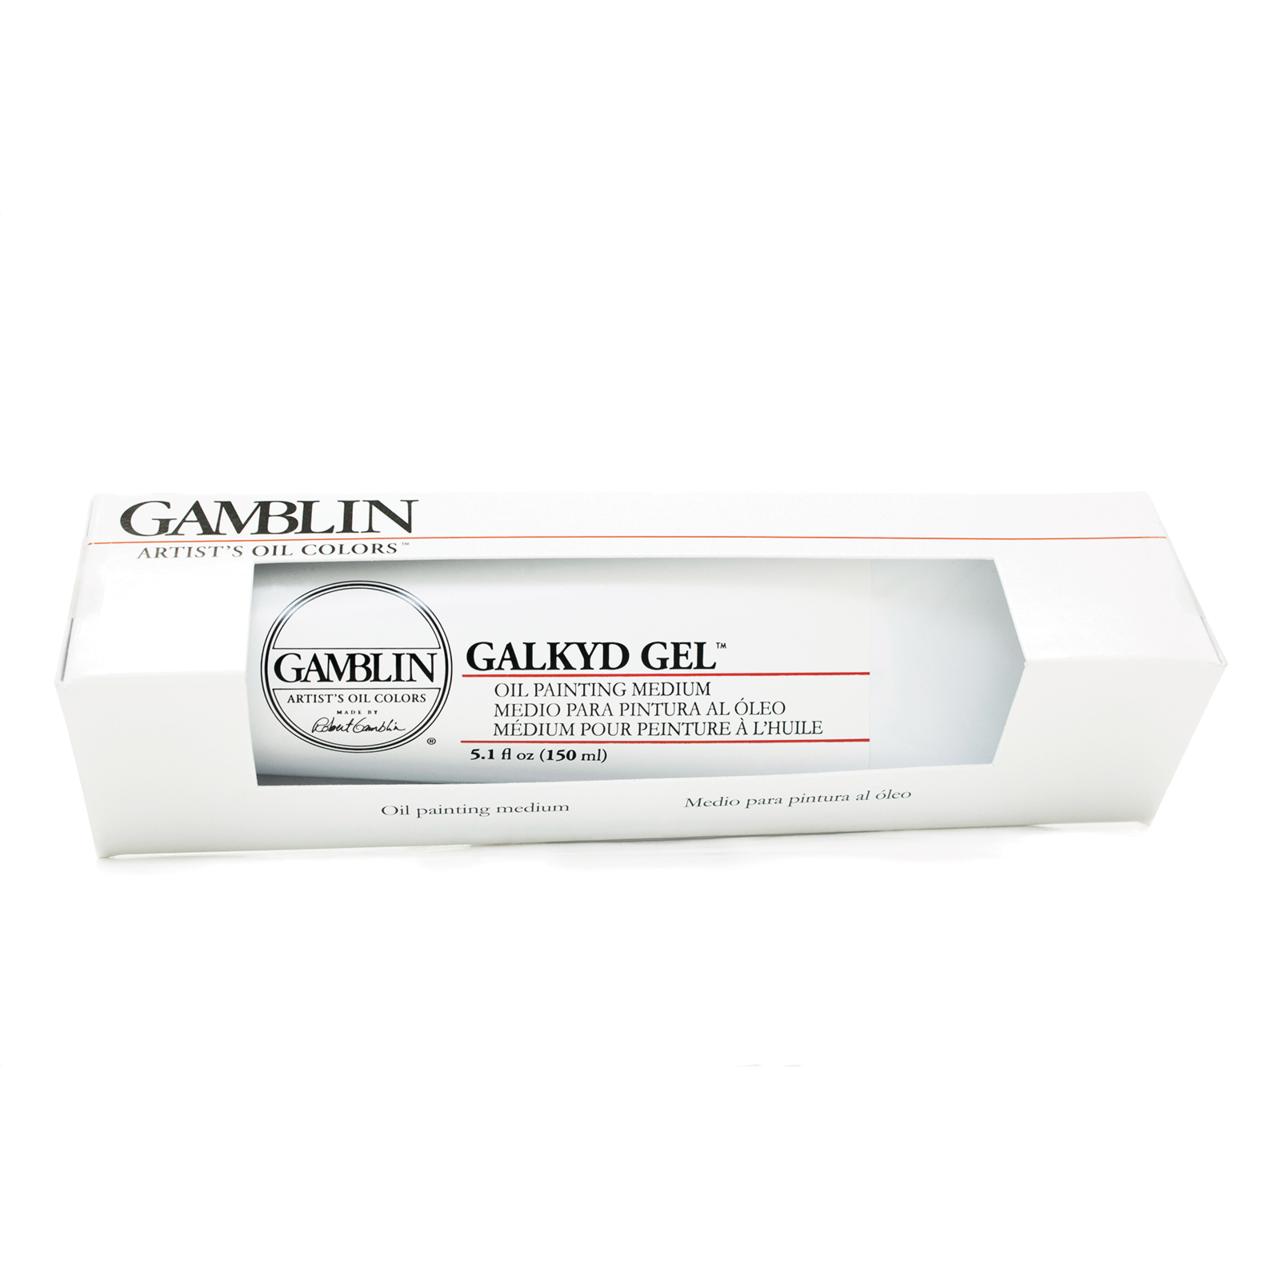 GALKYD GEL MEDIUM 150 ML